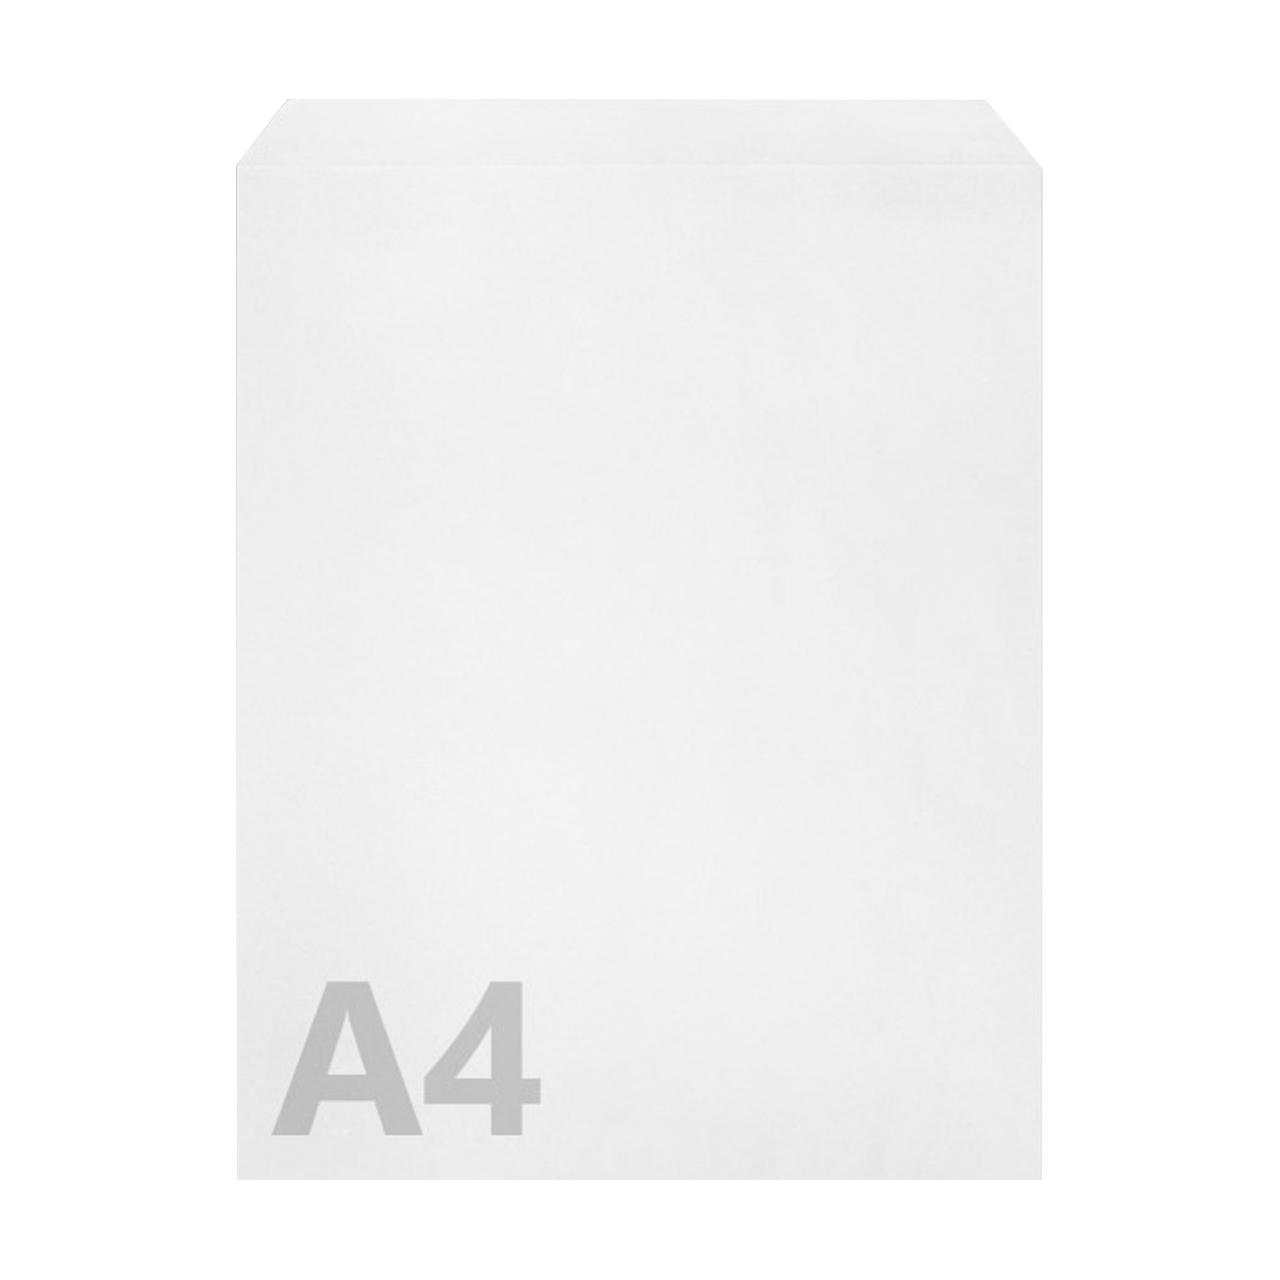 پاکت مدل WA410  سایز A4  بسته 10 عددی